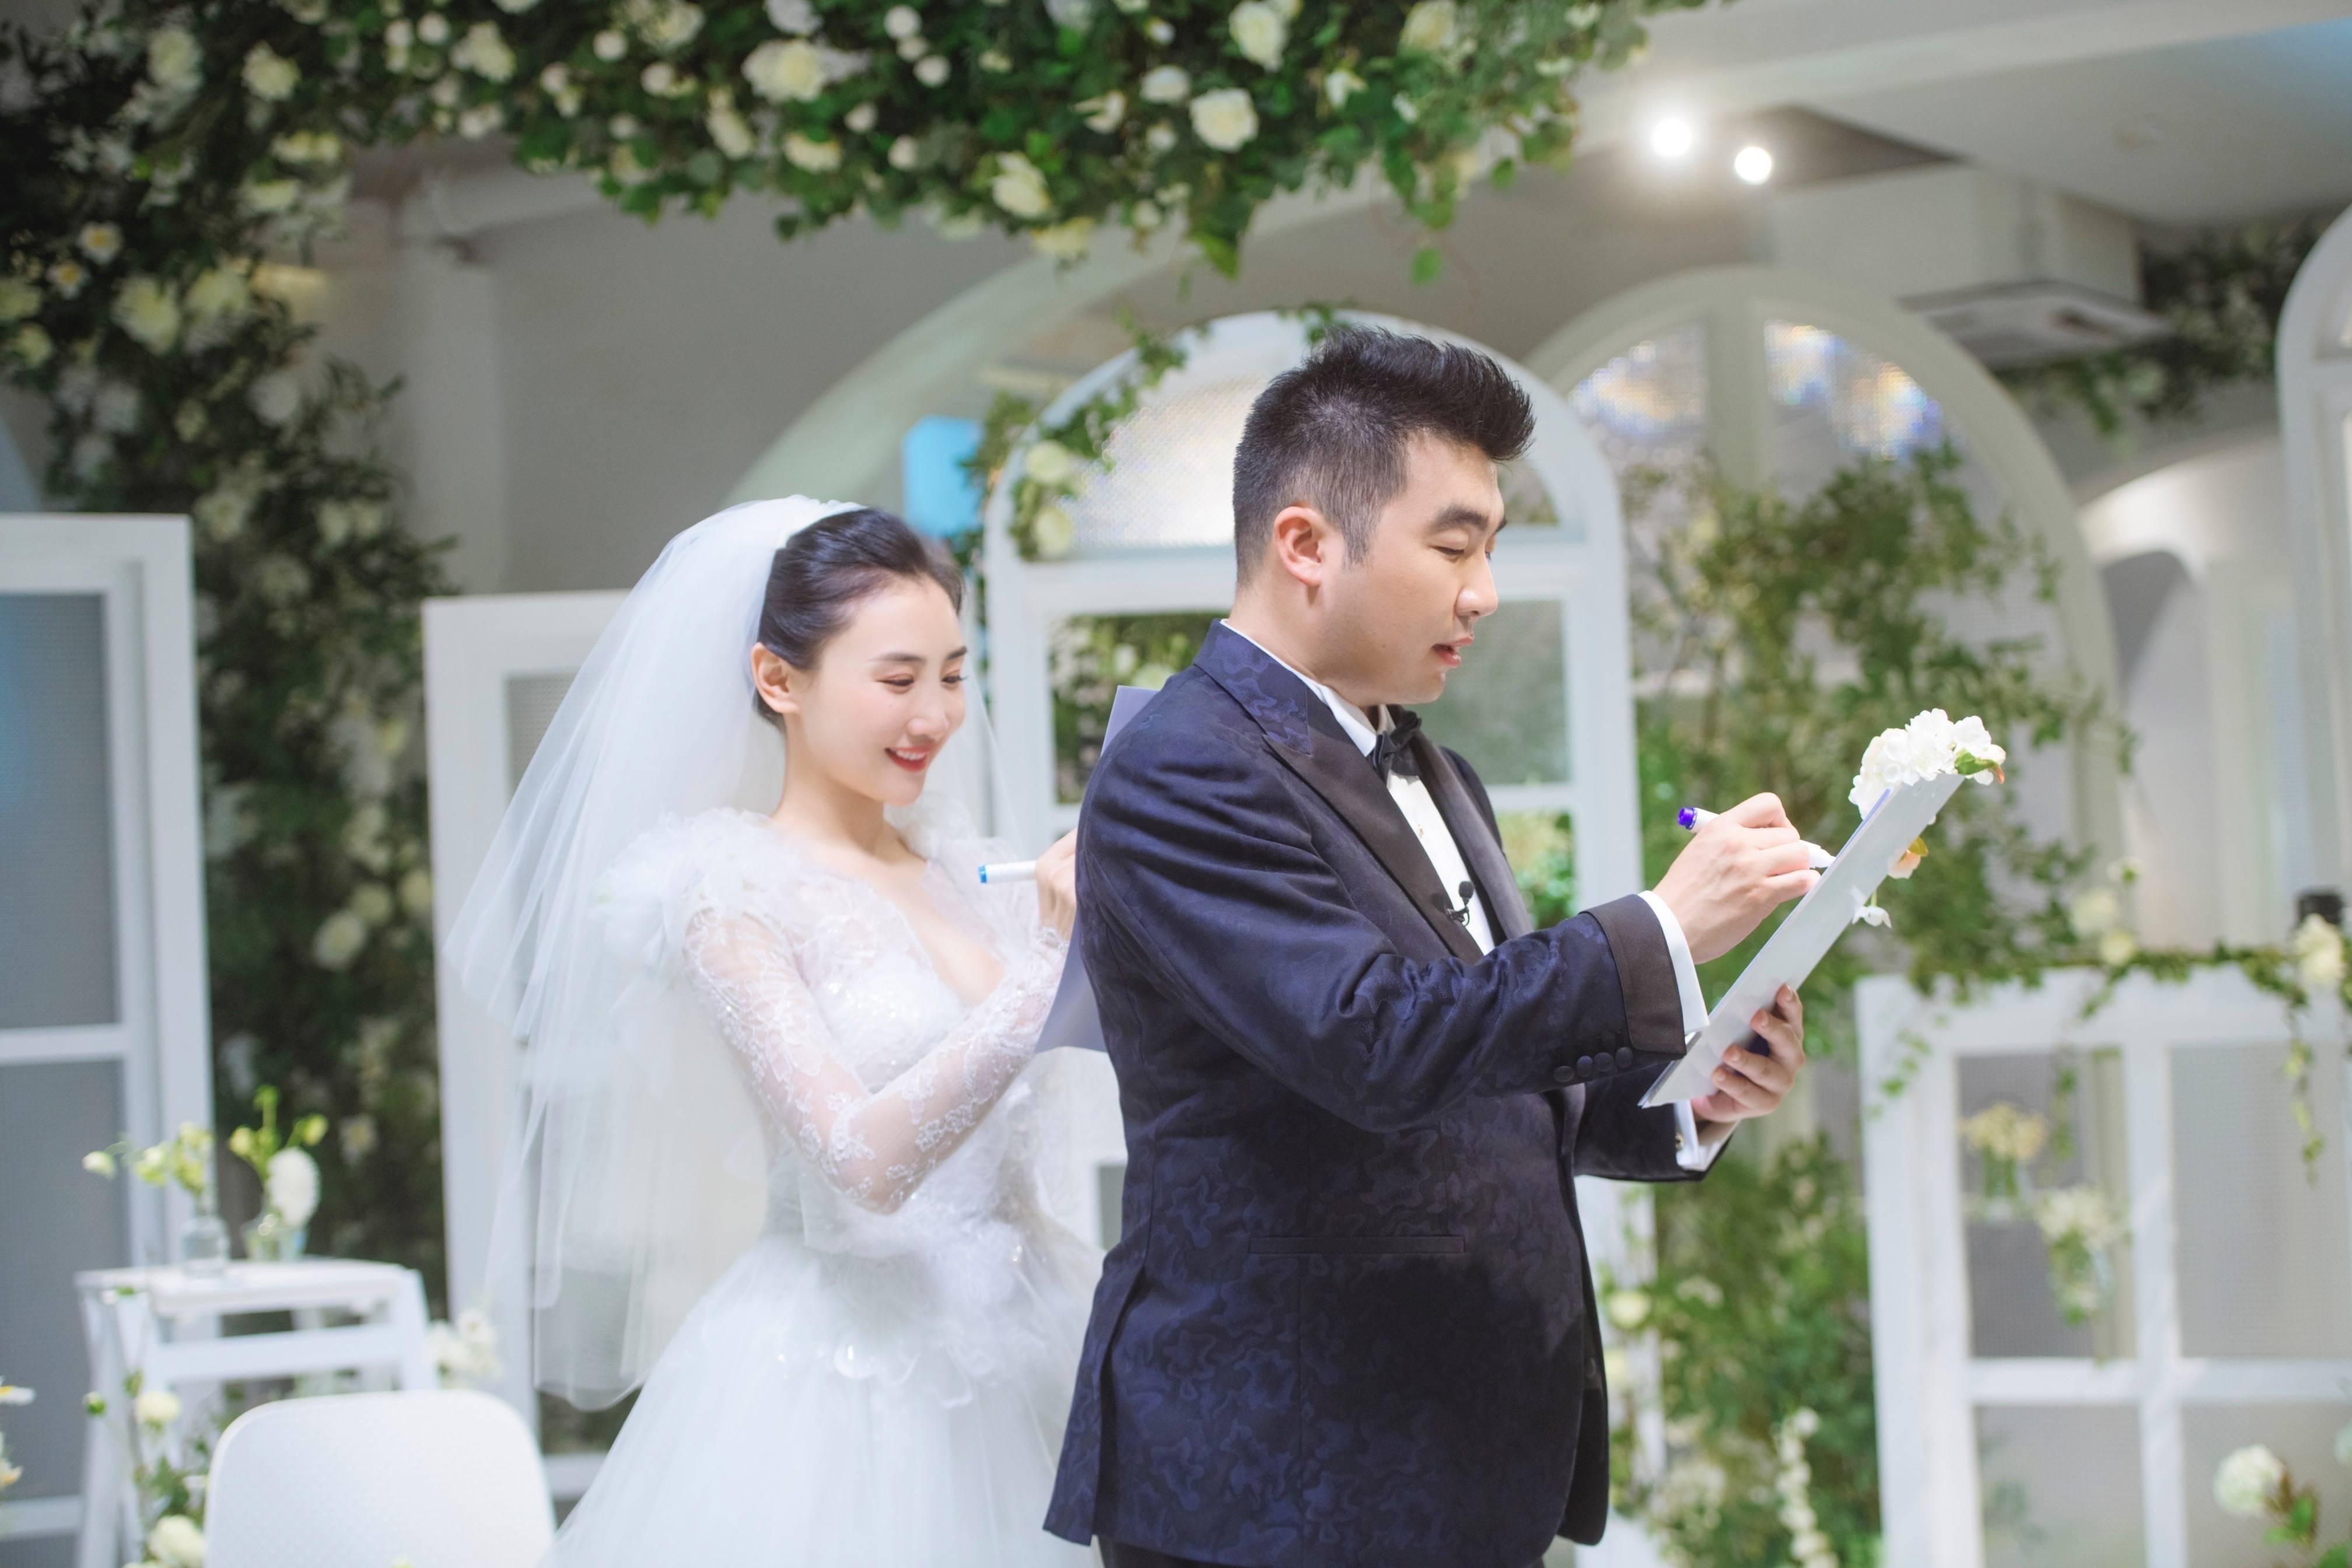 《婚前21天》李嘉铭刘泳希古风婚礼 张震倪妮等道喜